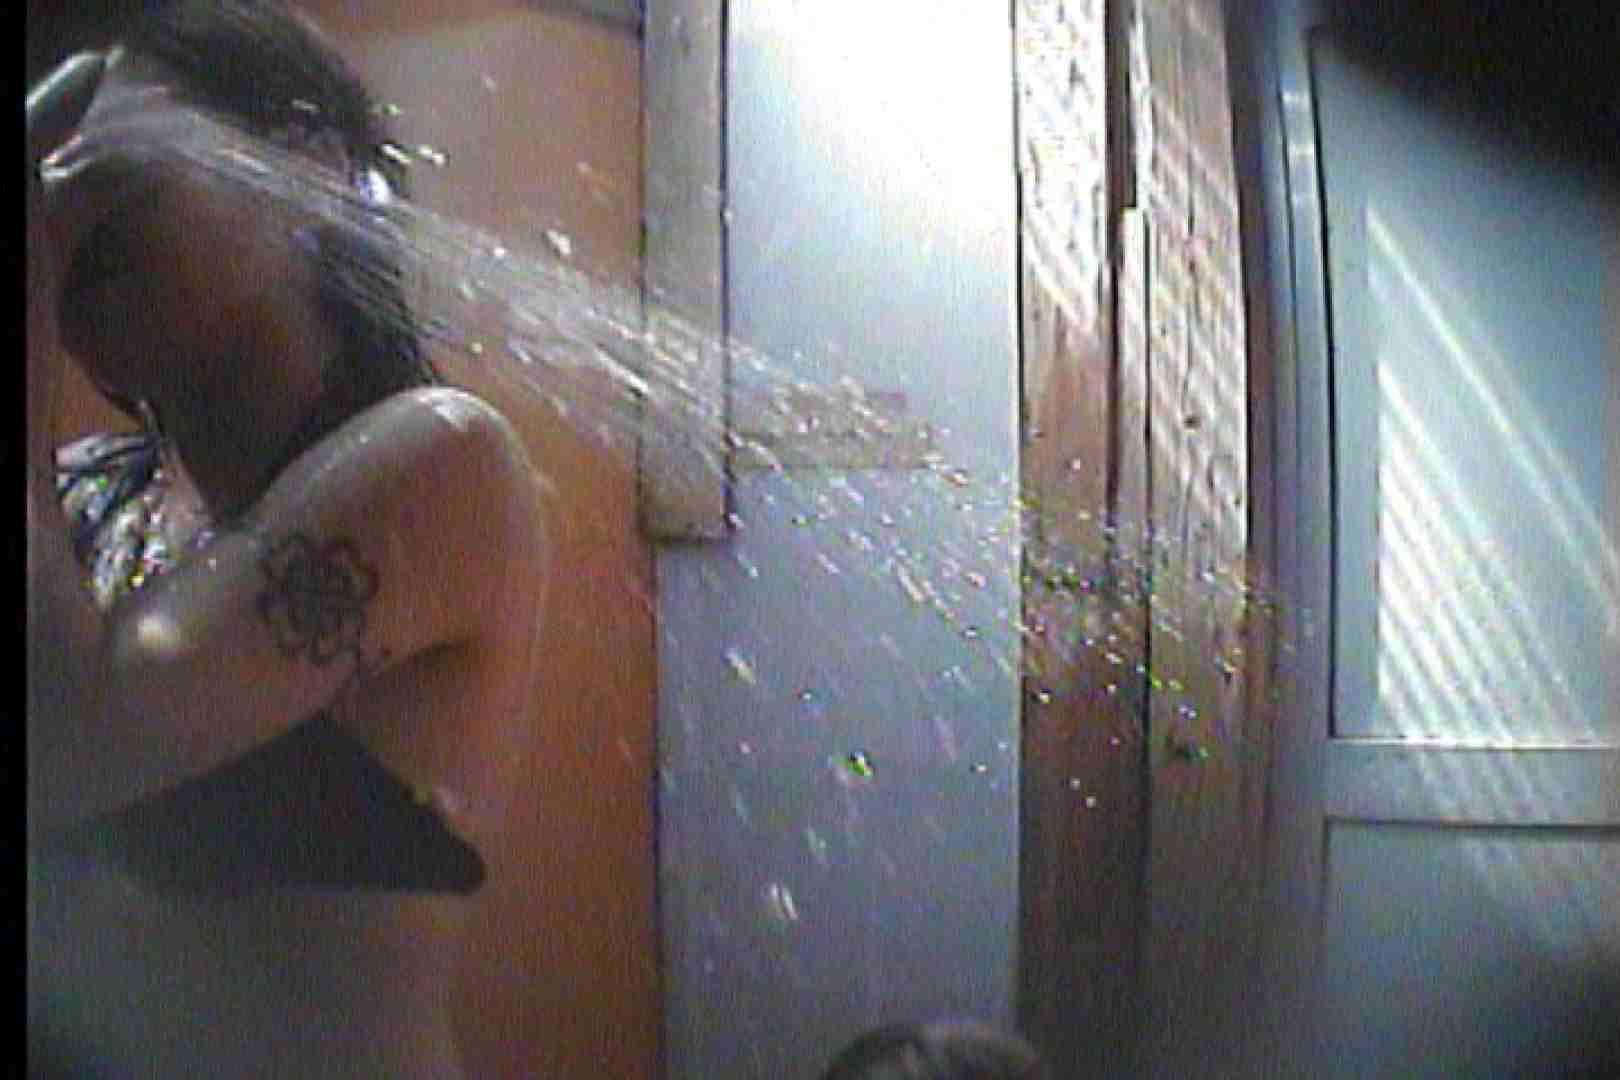 海の家の更衣室 Vol.44 シャワー 盗み撮り動画キャプチャ 74PIX 26